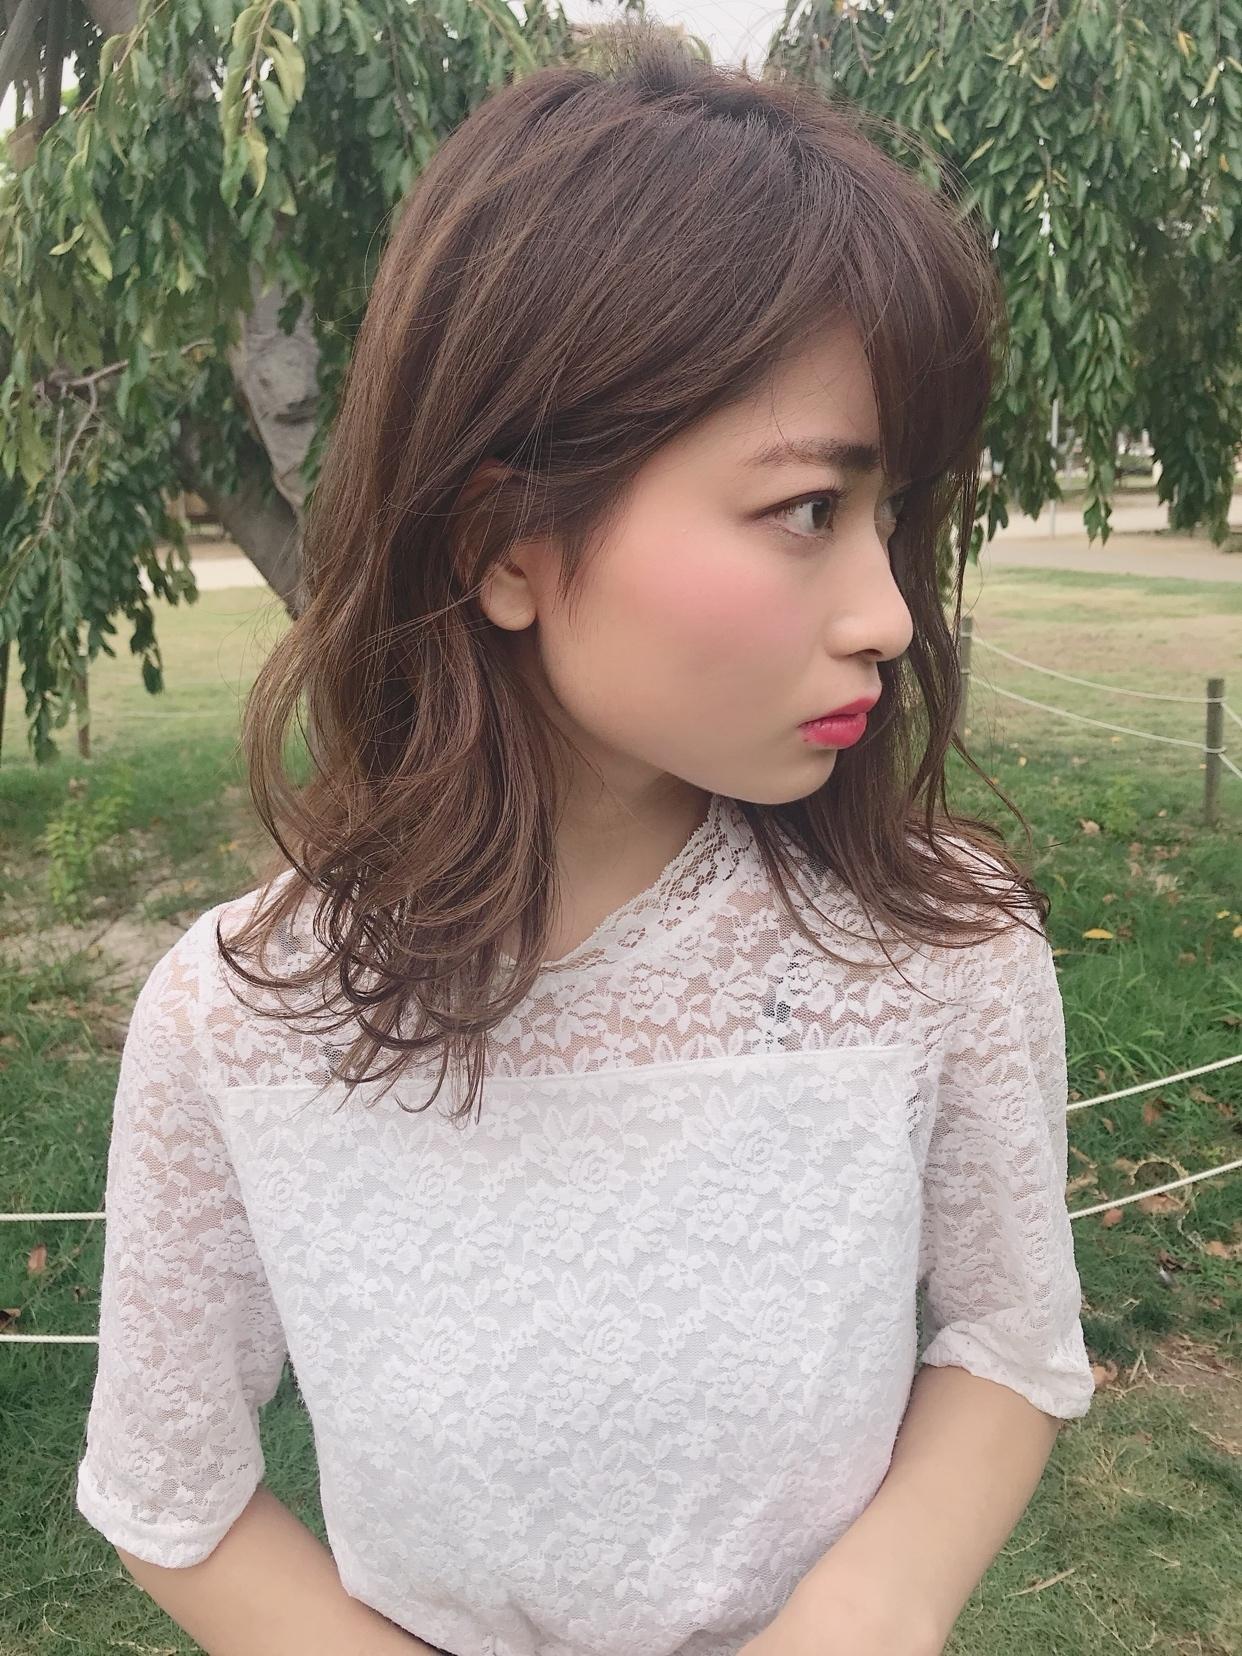 arche_seiya0905が投稿した画像